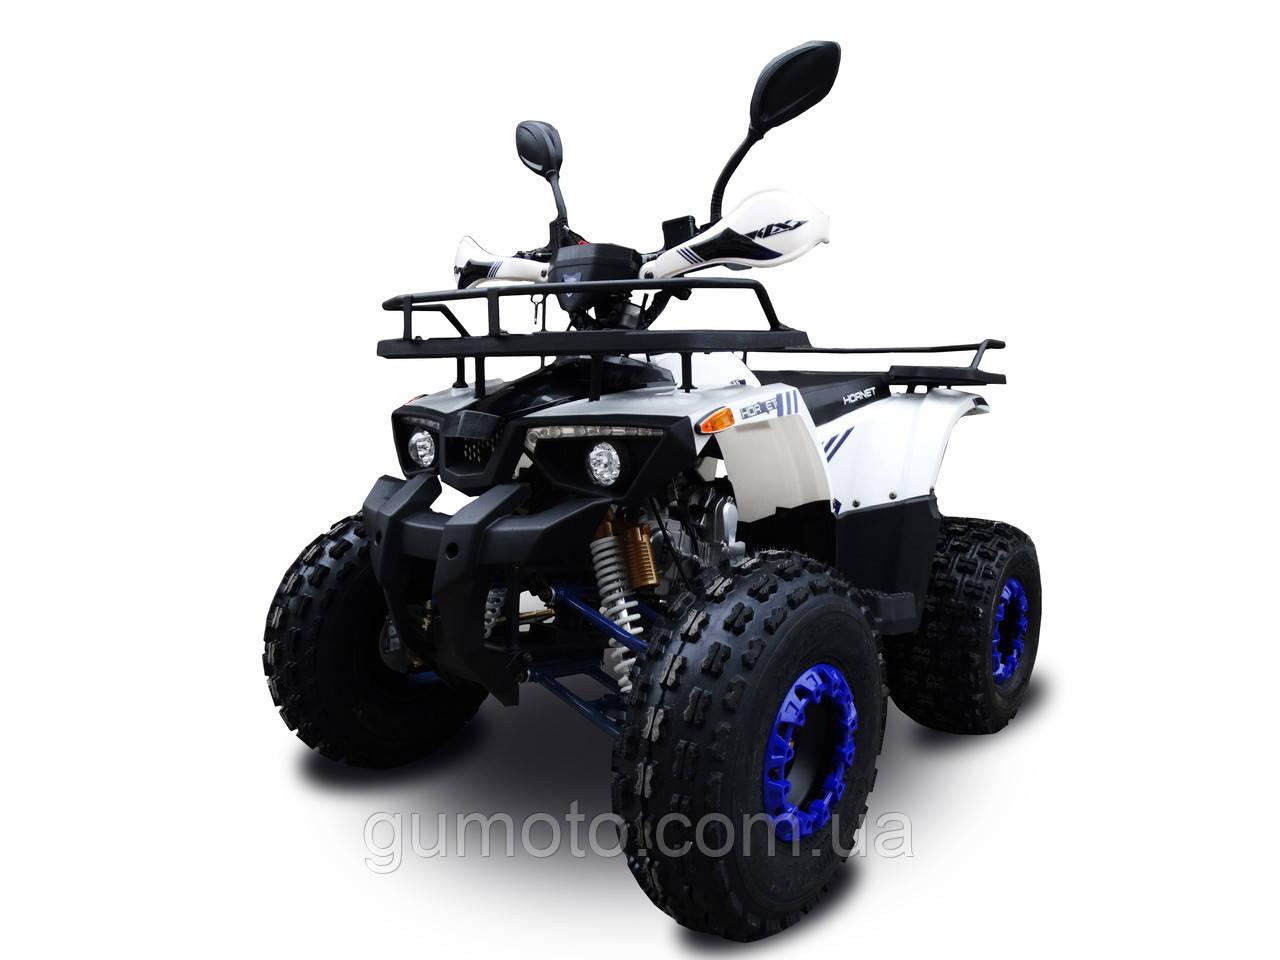 Квадроцикл 125 кубов Hornet Bomber бело-синий